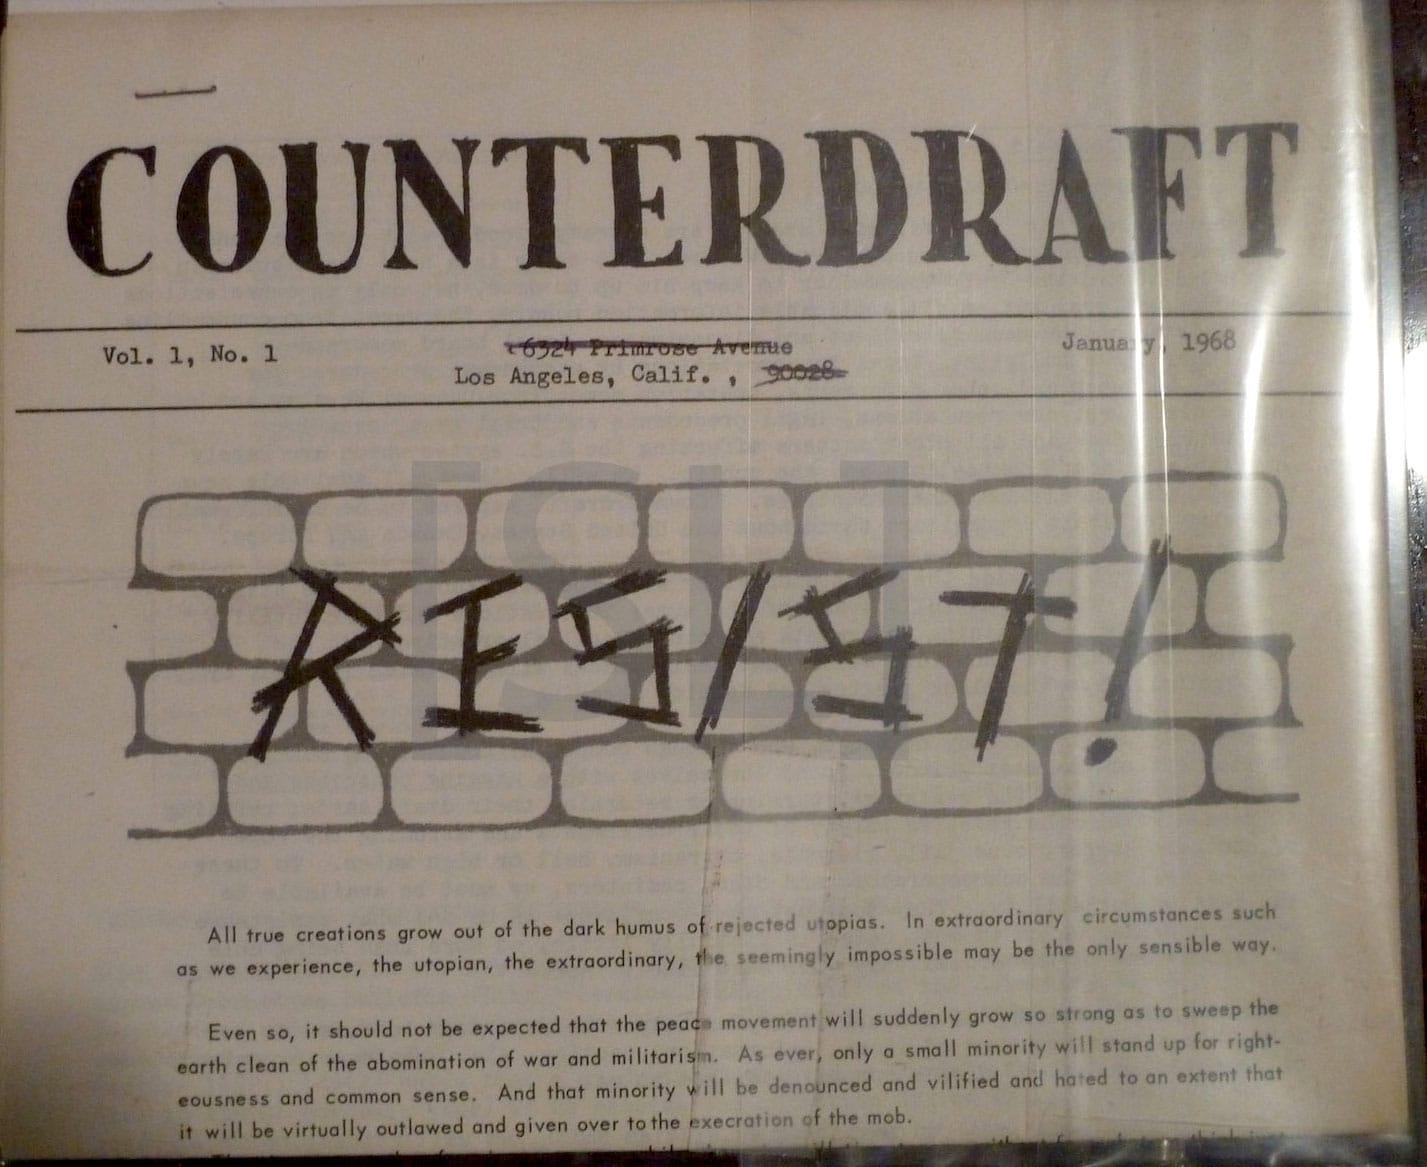 Counterdraft